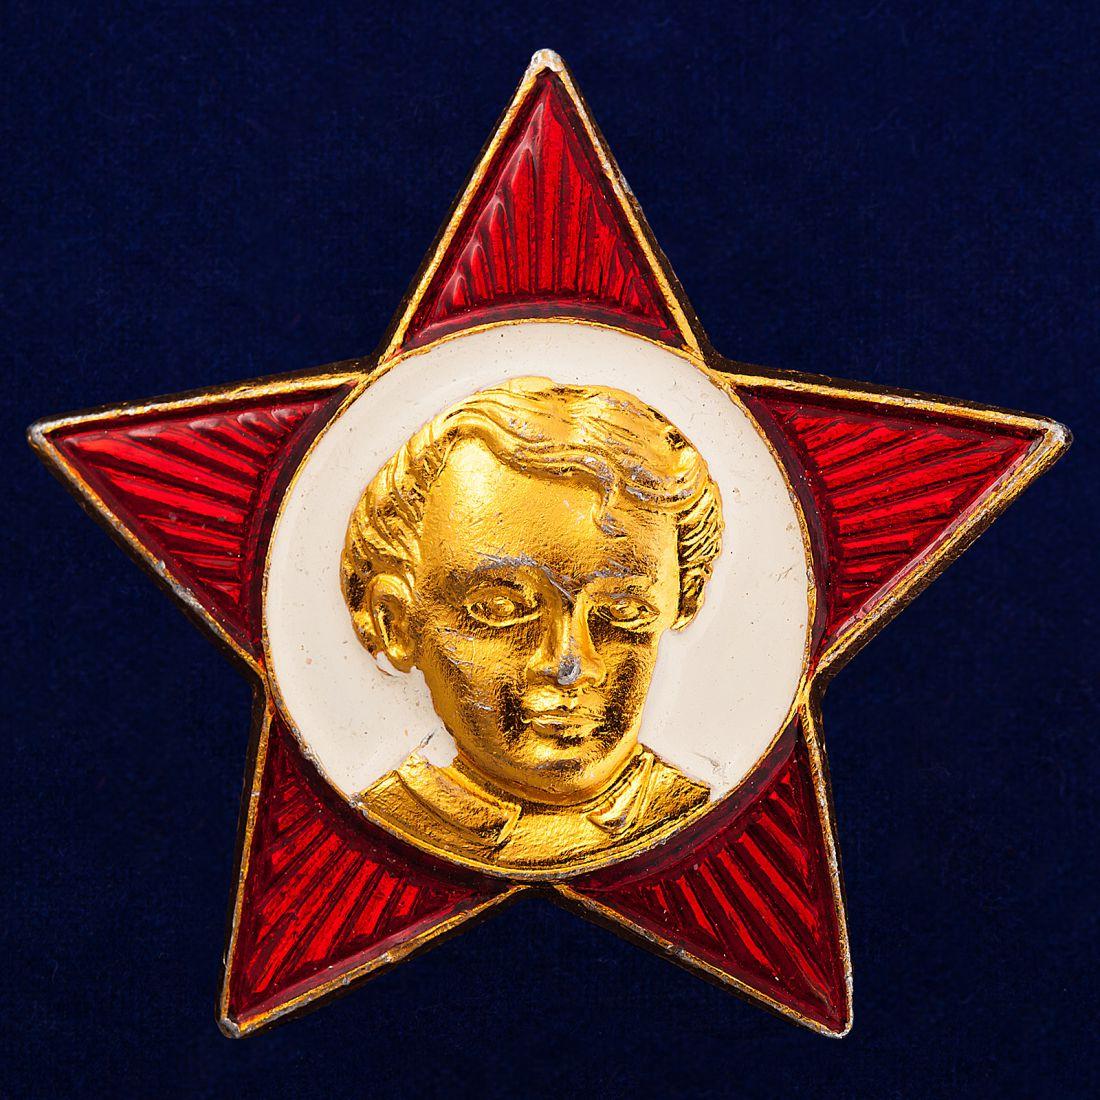 Значок Октябренка СССР